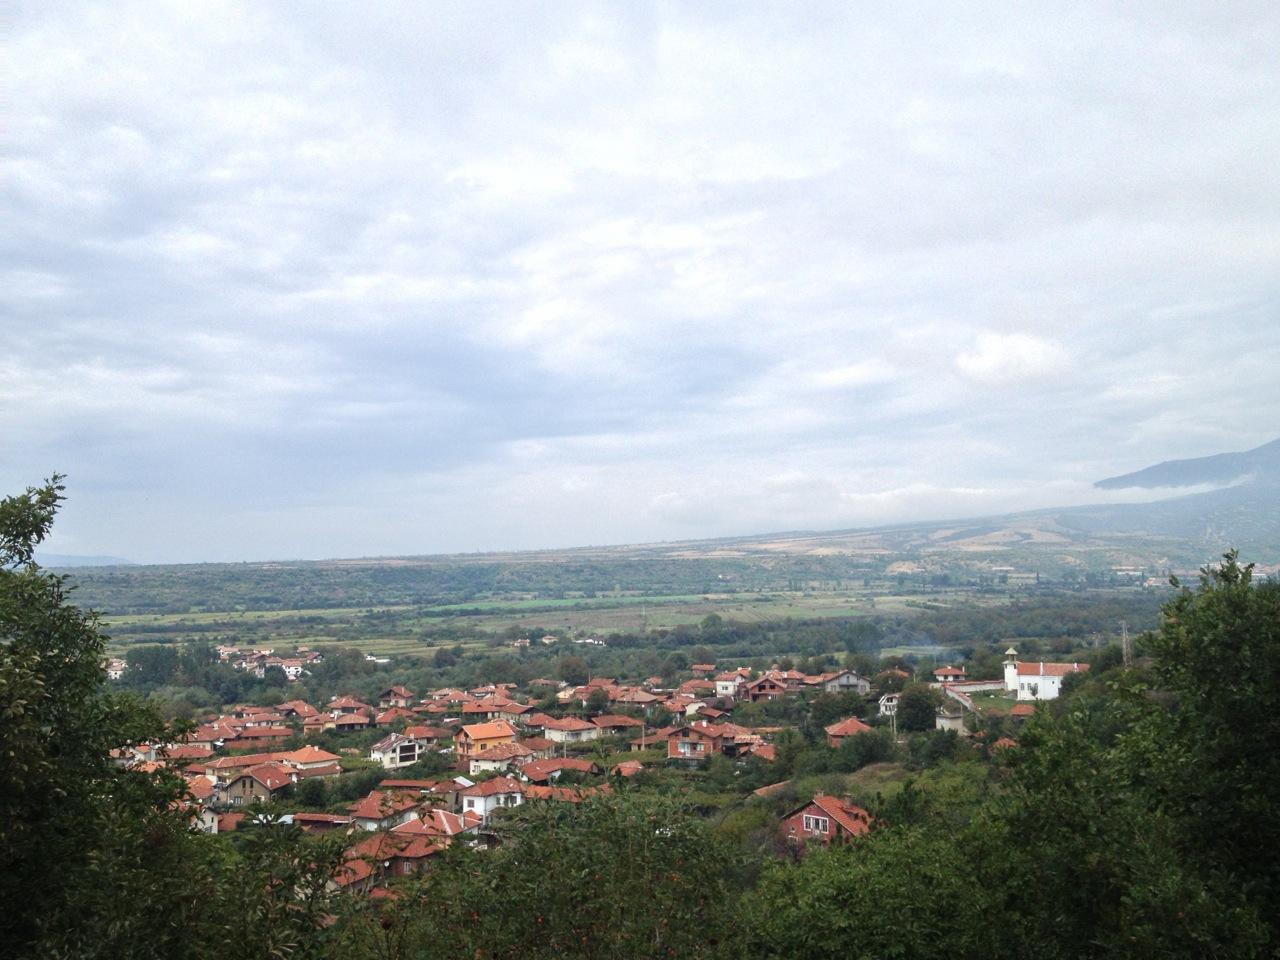 Stob village